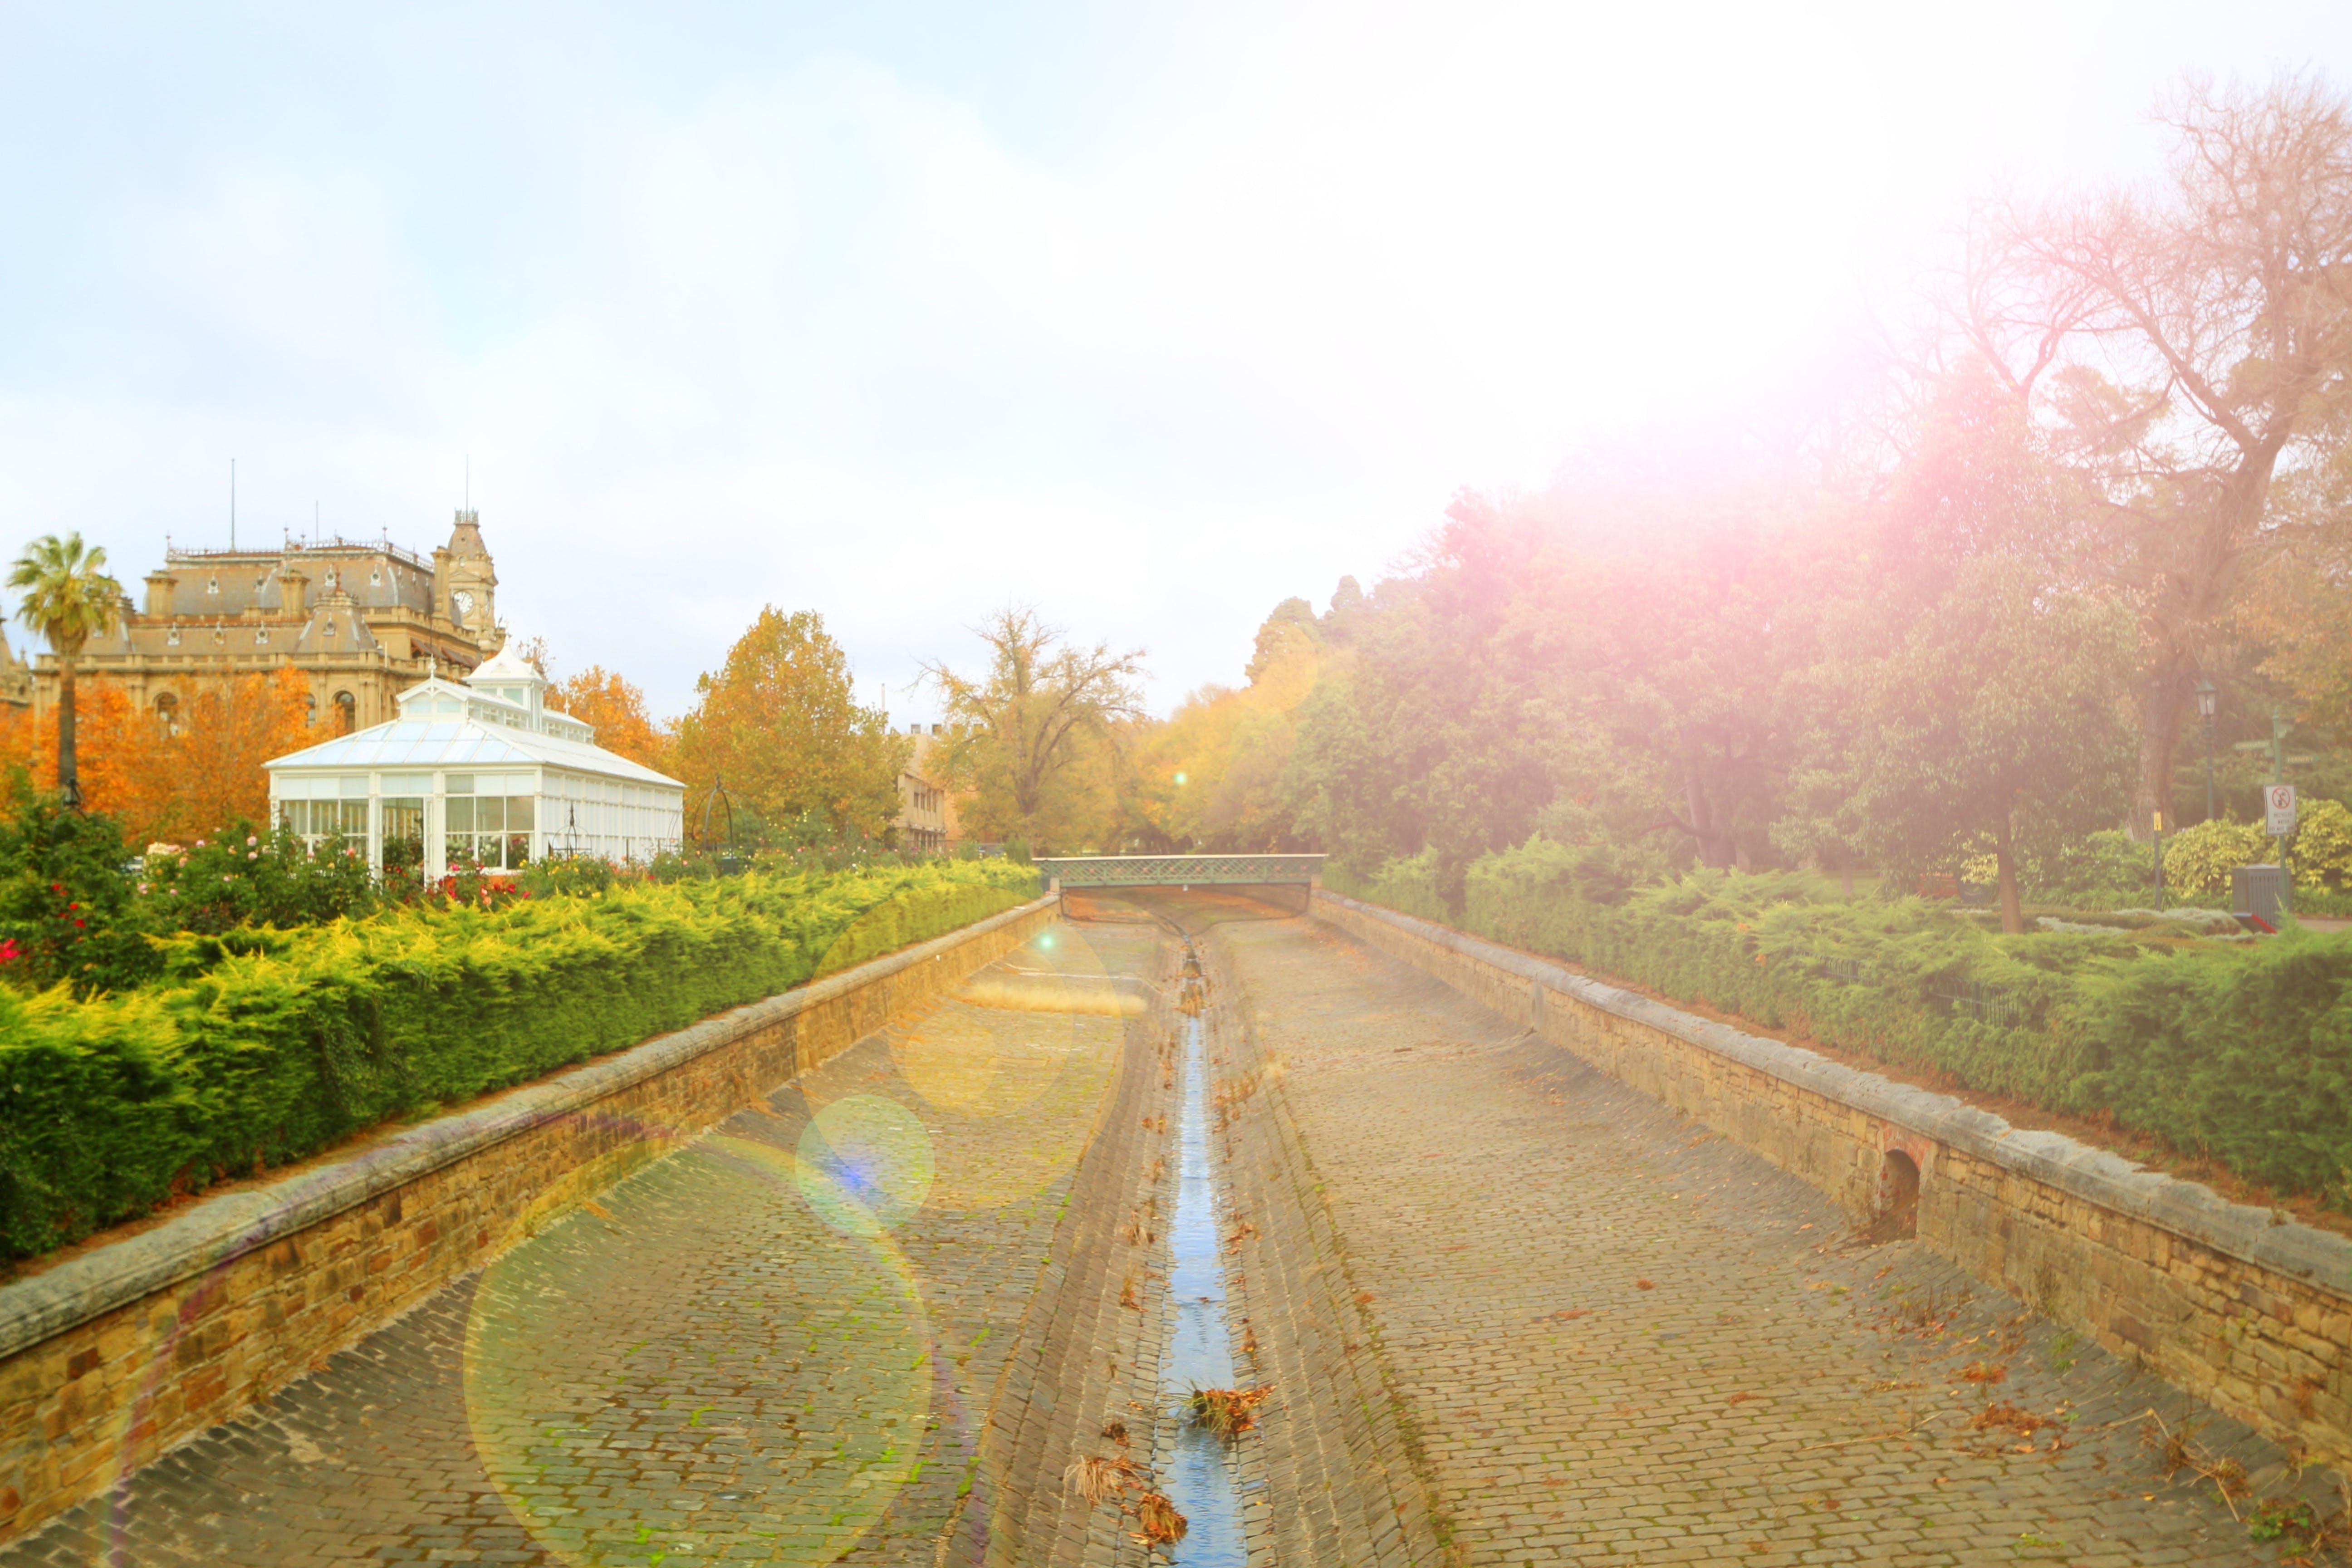 Free stock photo of garden, trees, architecture, foliage